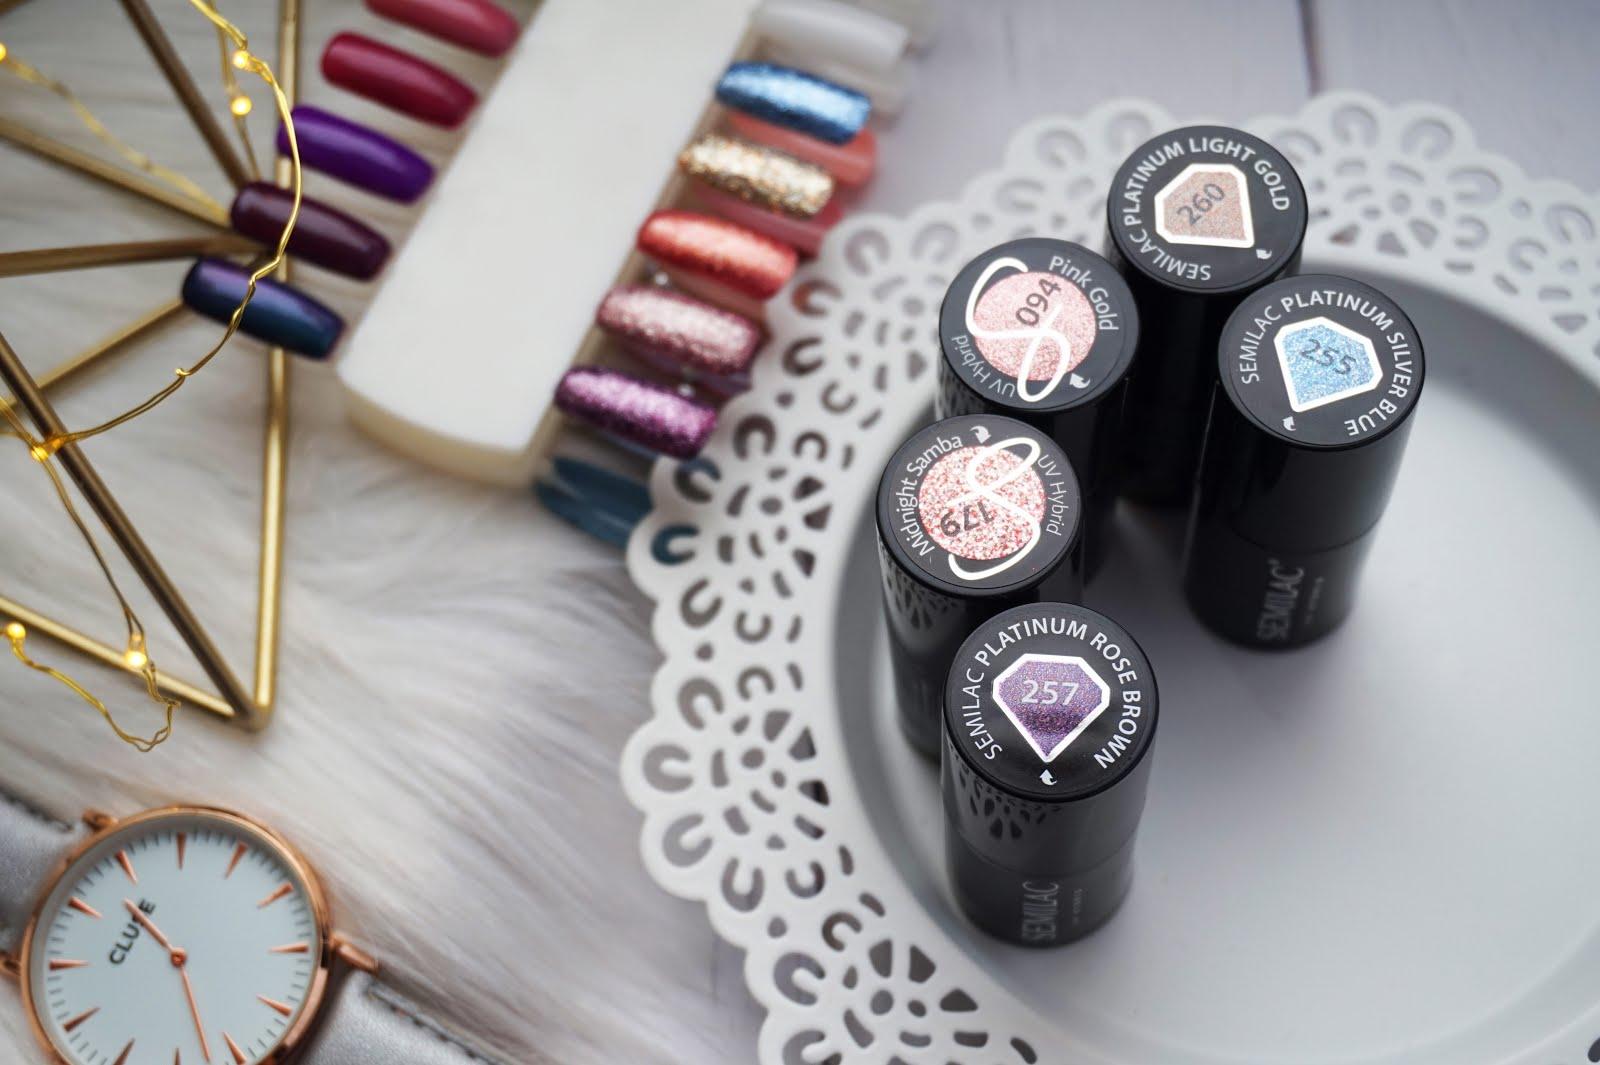 Nowości z Semilac! | kolekcja Legendary Six by Margaret & Platinium | mój nowy, zimowy manicure